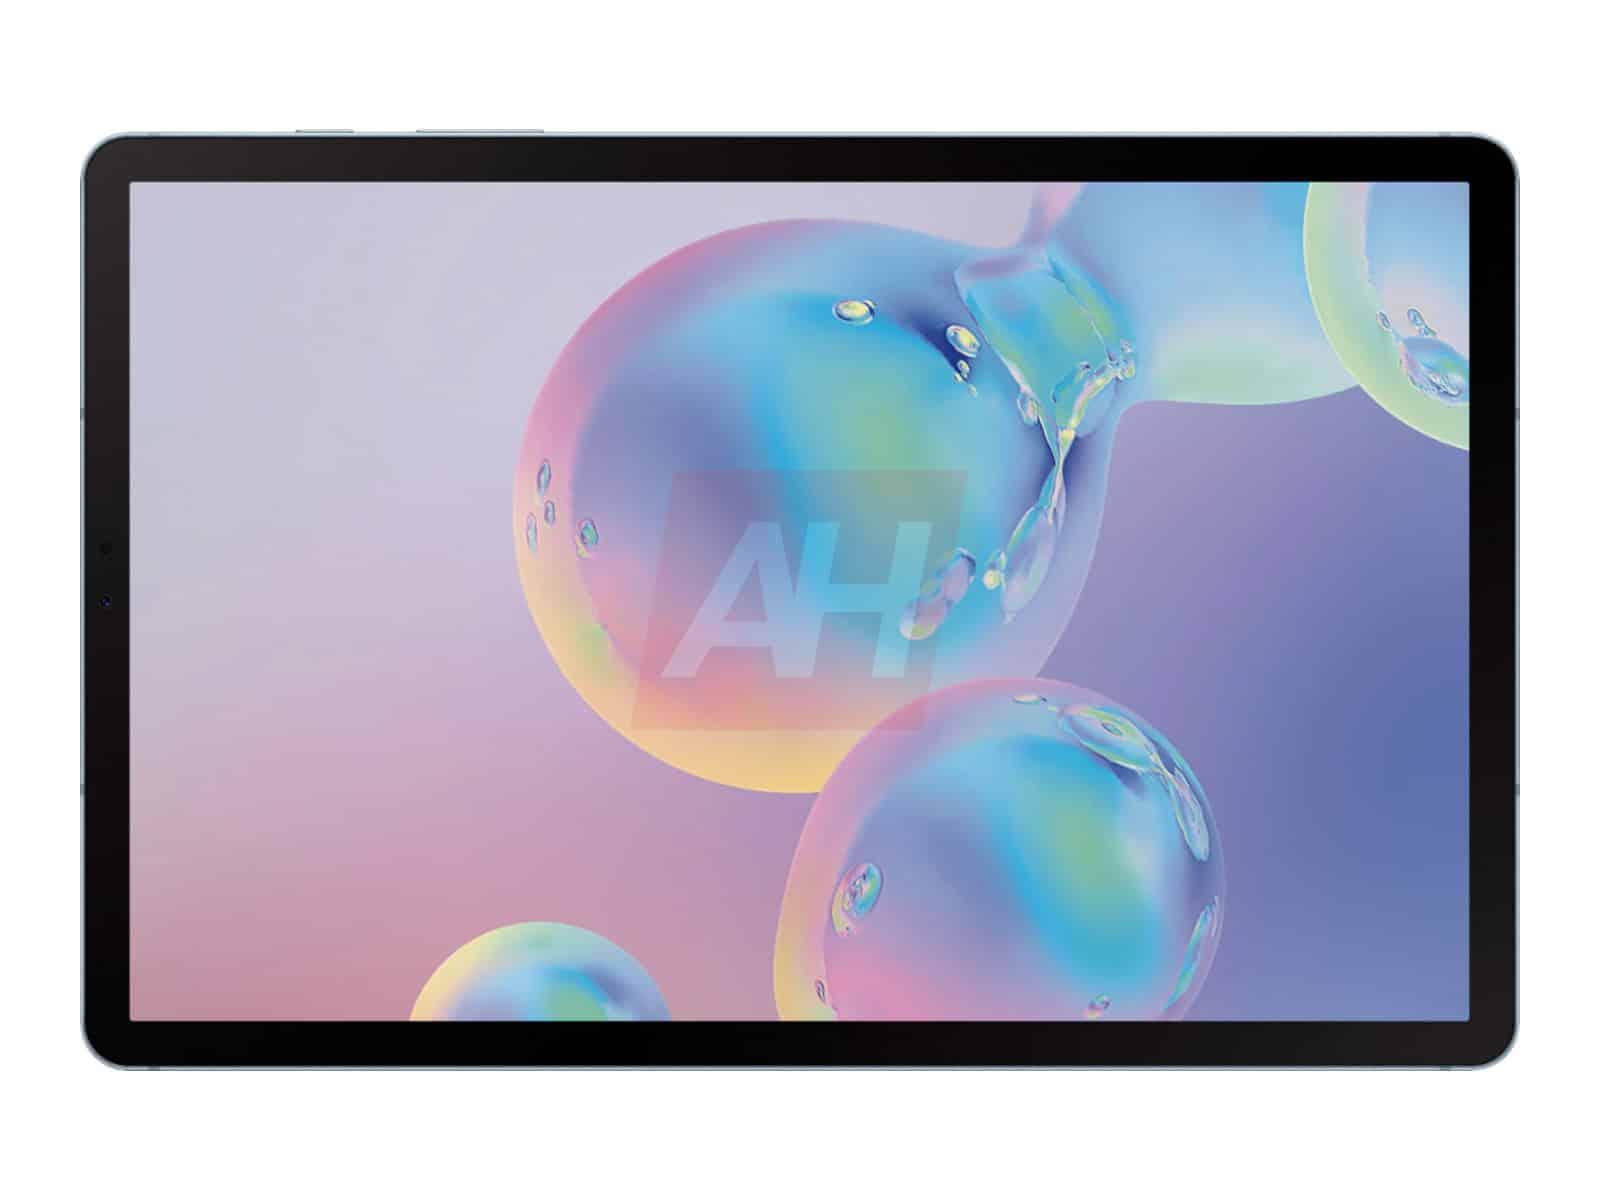 Samsung Galaxy Tab S6 Leak Blue 6